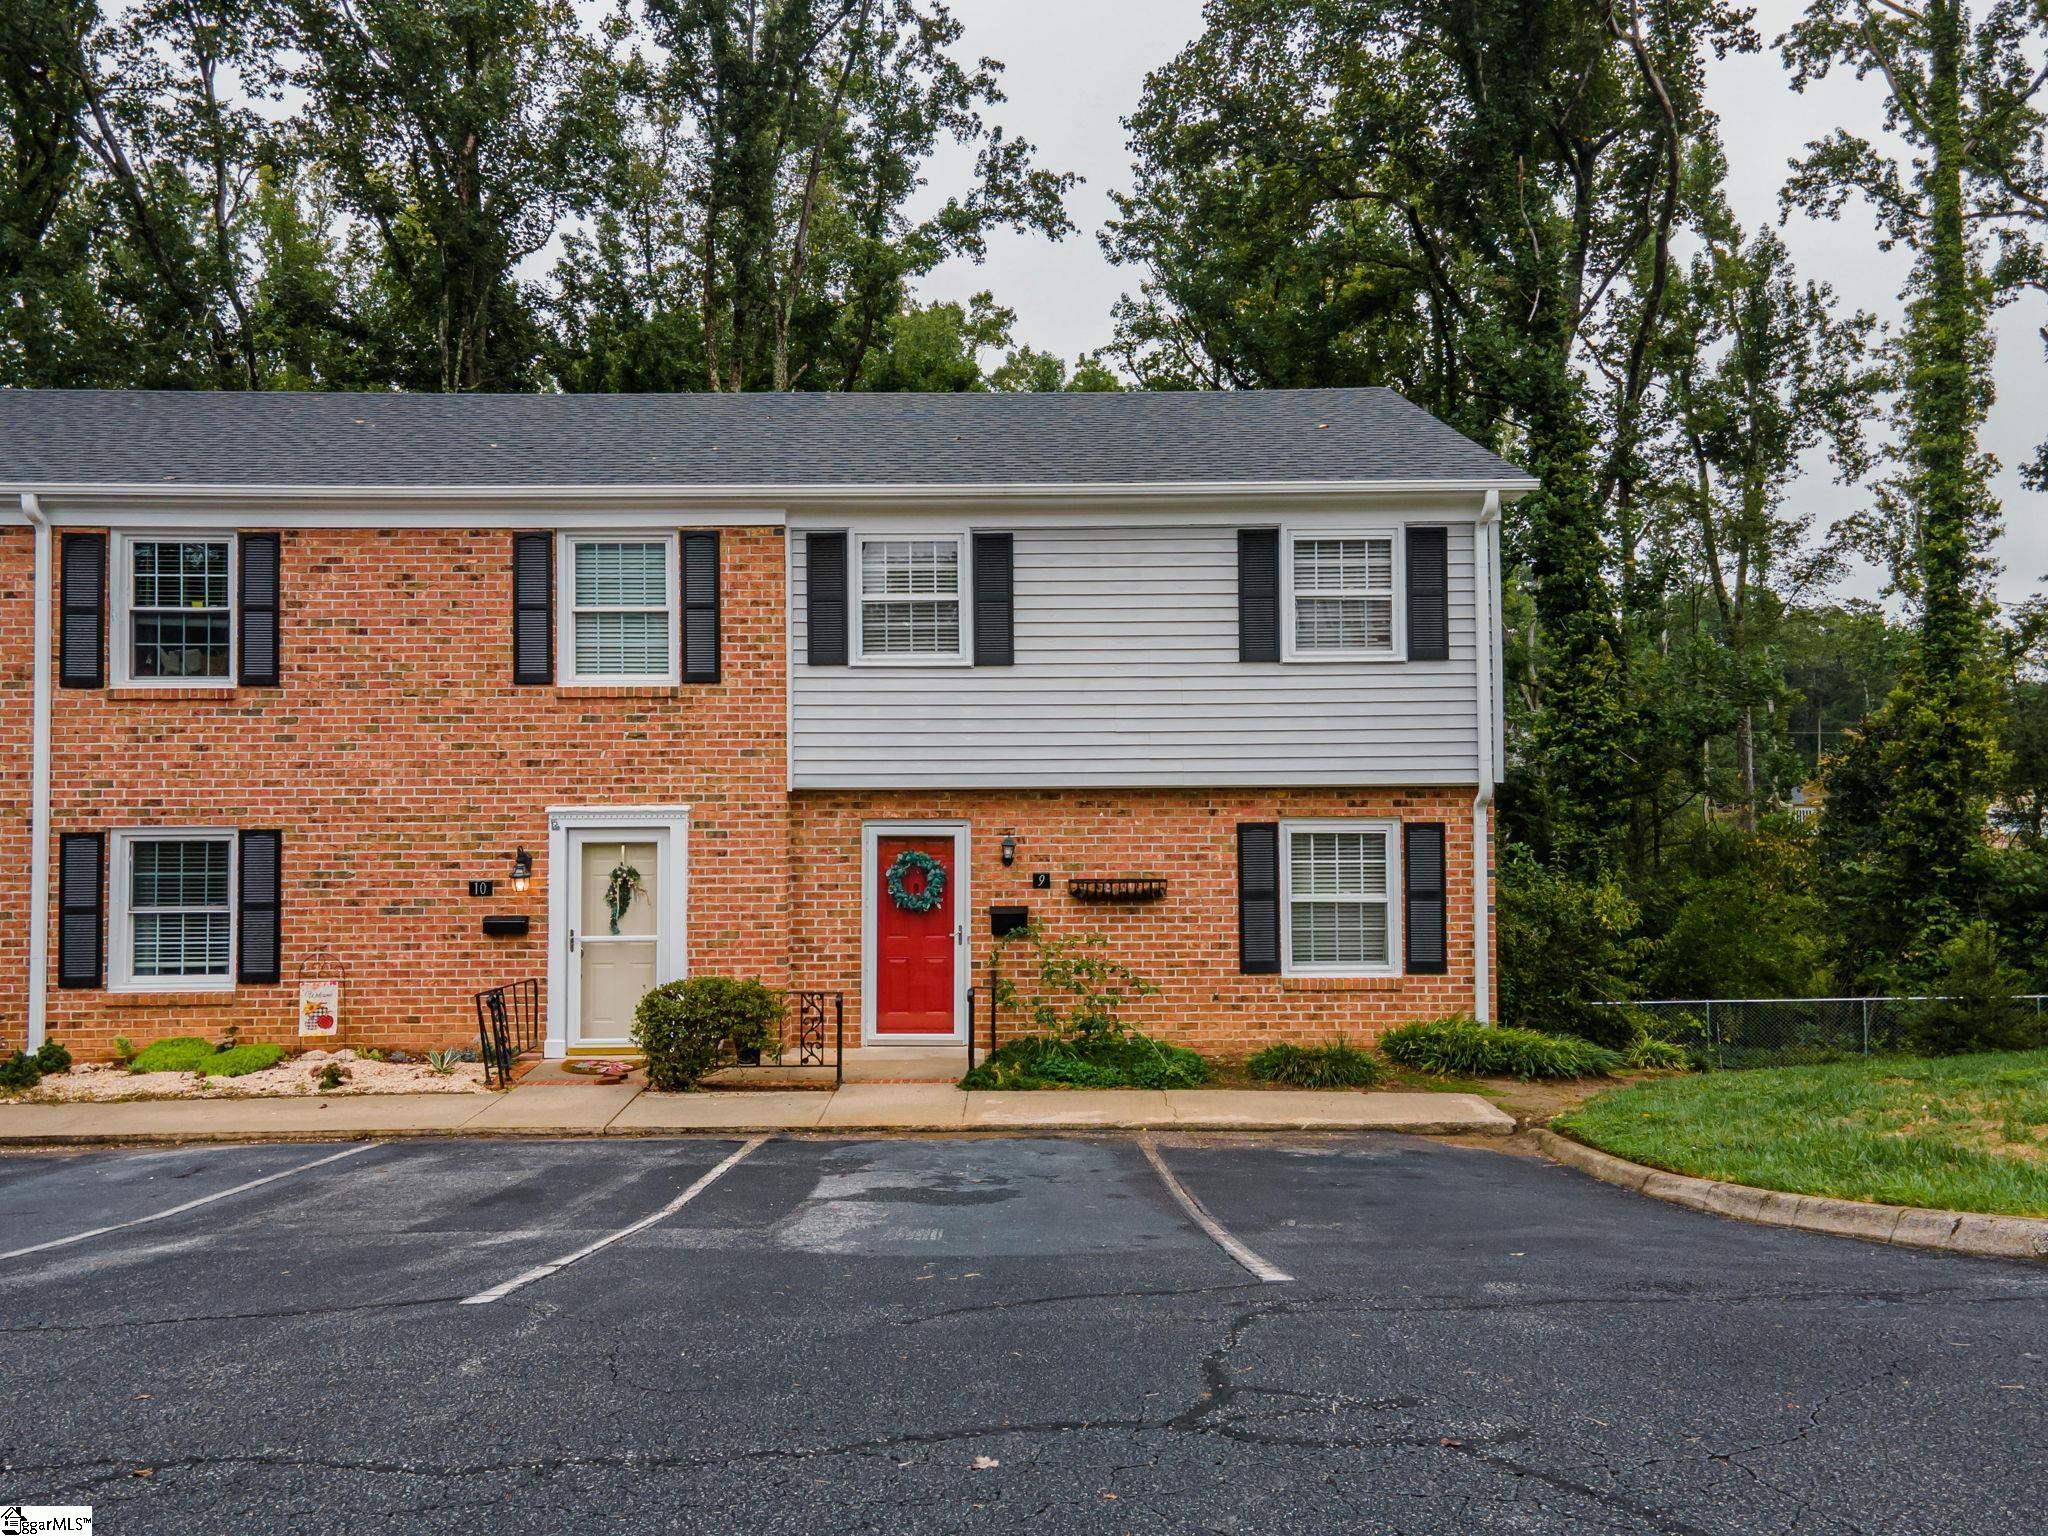 815 Edwards, Greenville, SC 29615